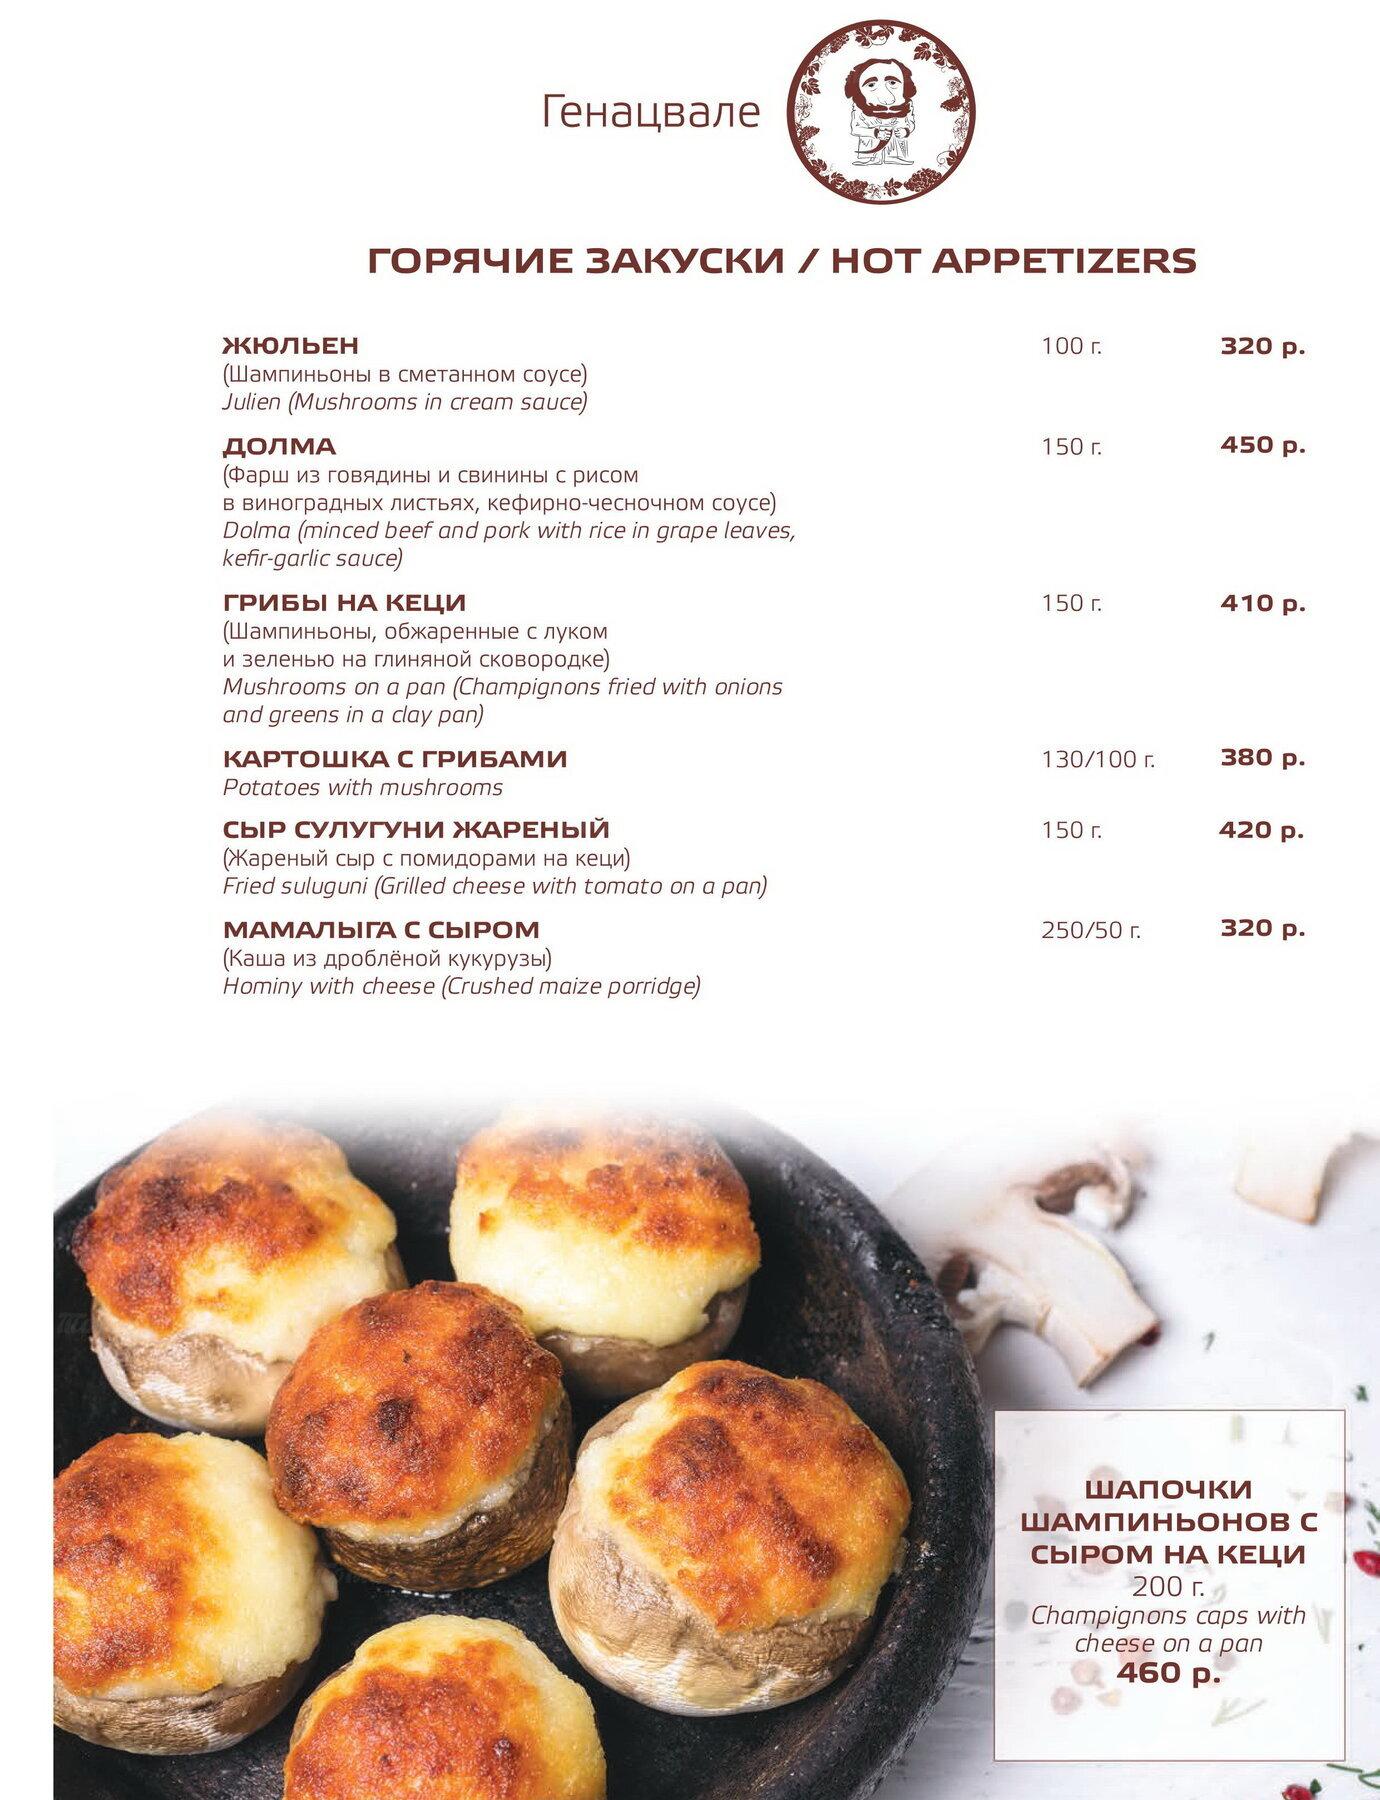 Меню ресторана Генацвале VIP на улице Остоженка фото 6